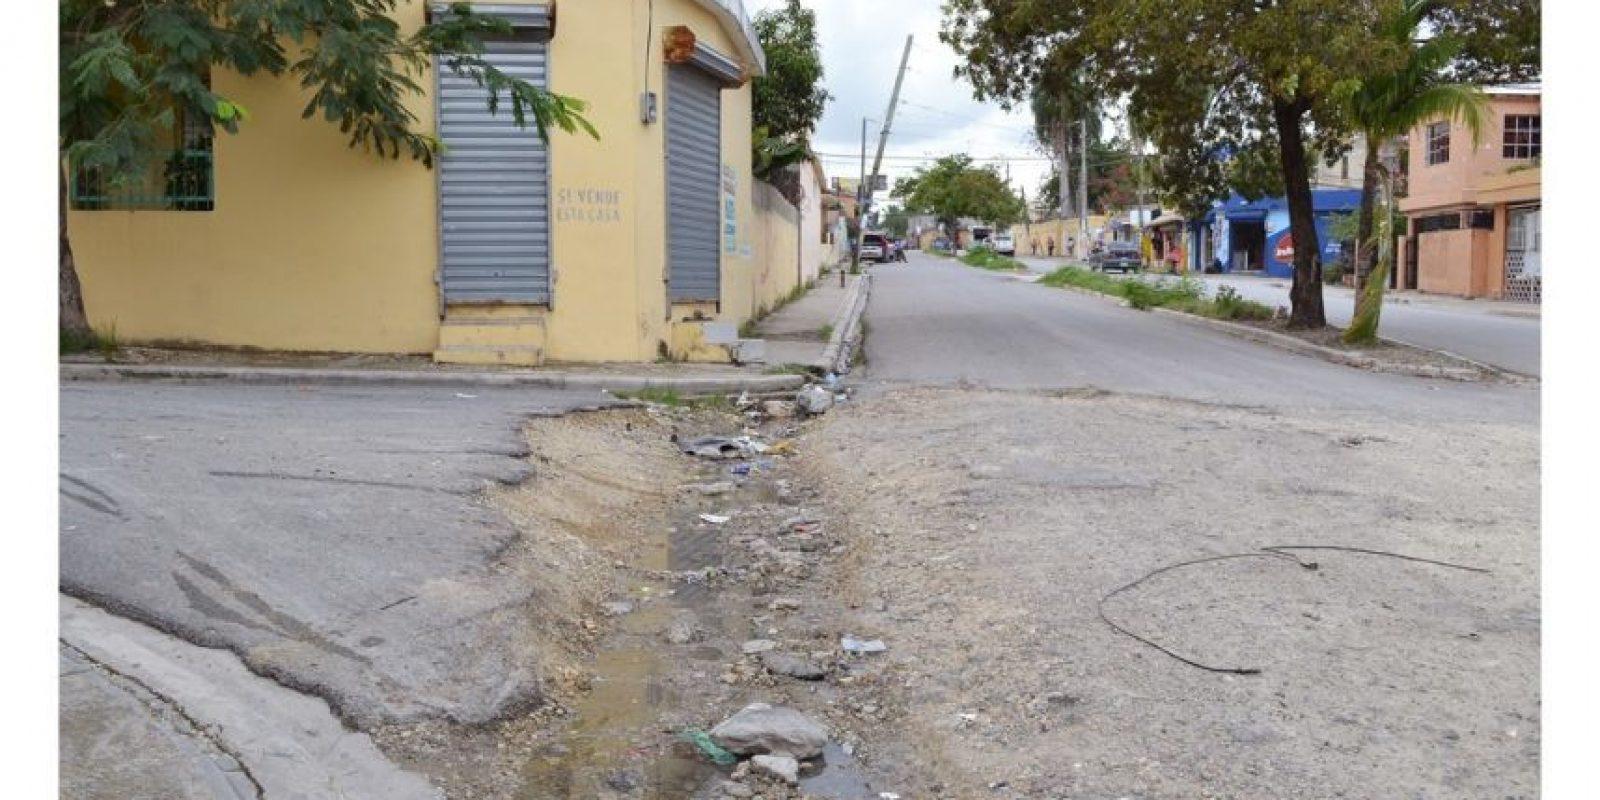 Residentes en barrios de Dajabón preocupados por deterioro de calles